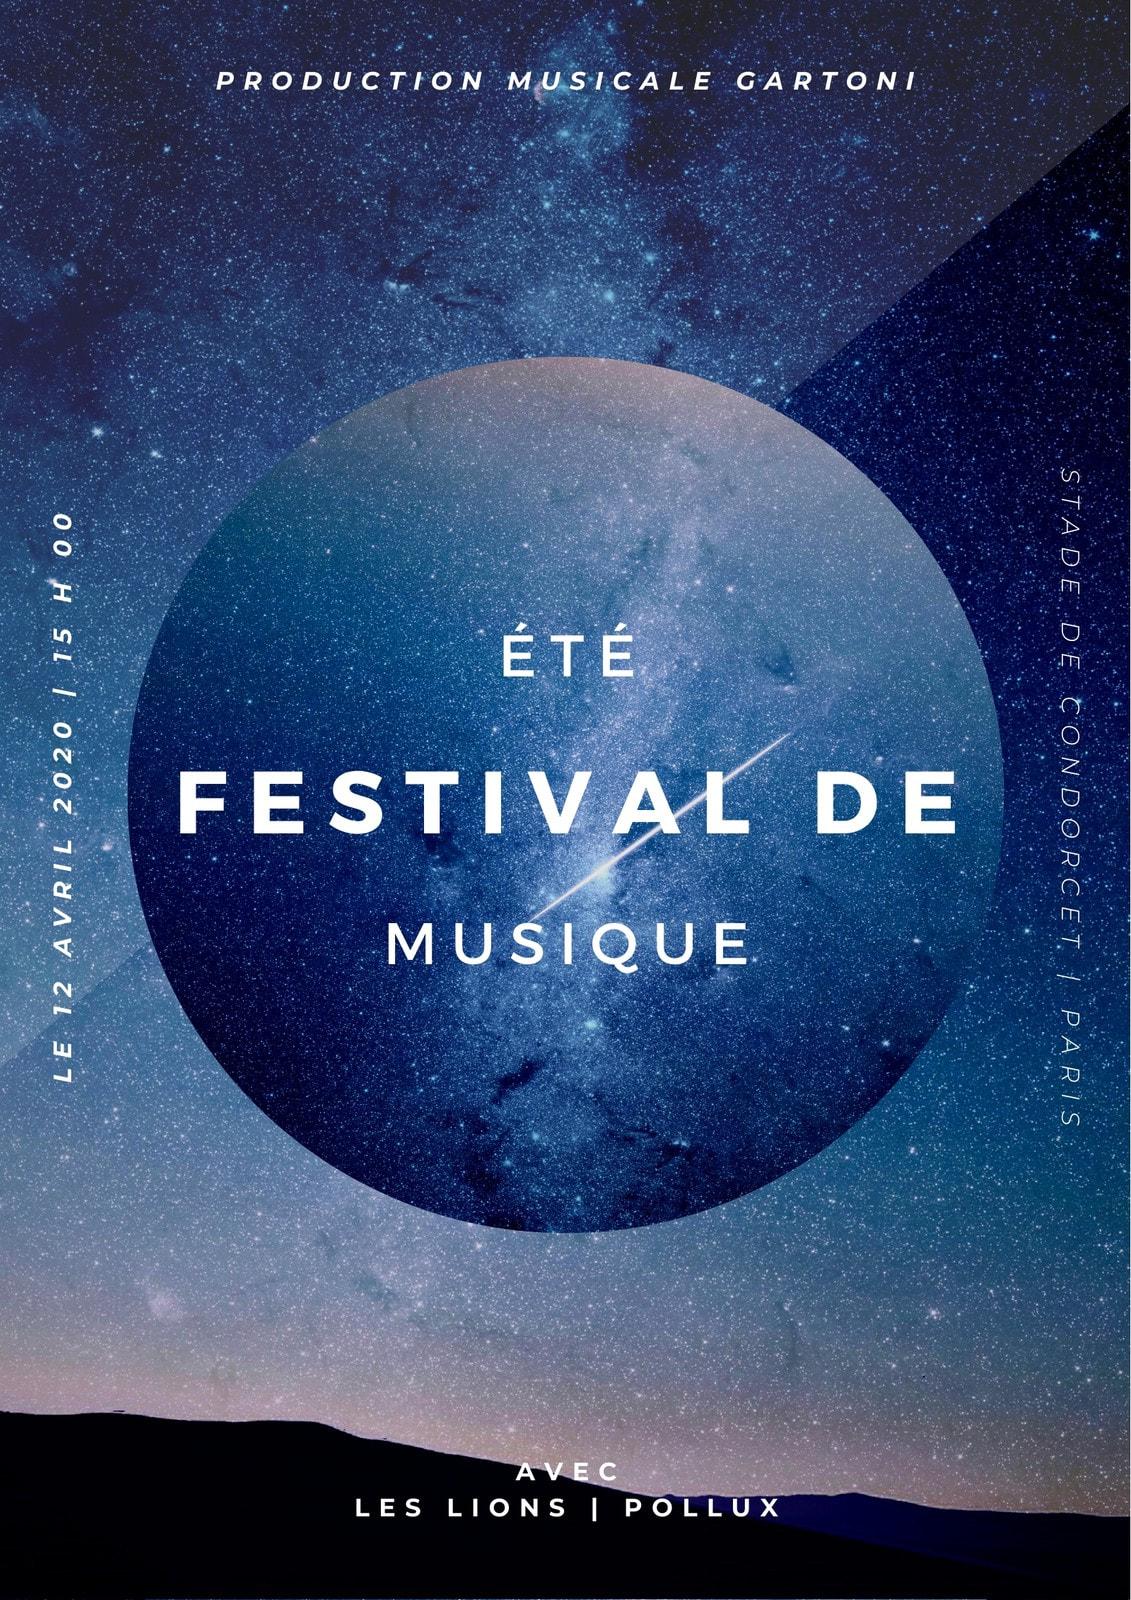 Blanc et Noir Galaxie Musique Concert Programme